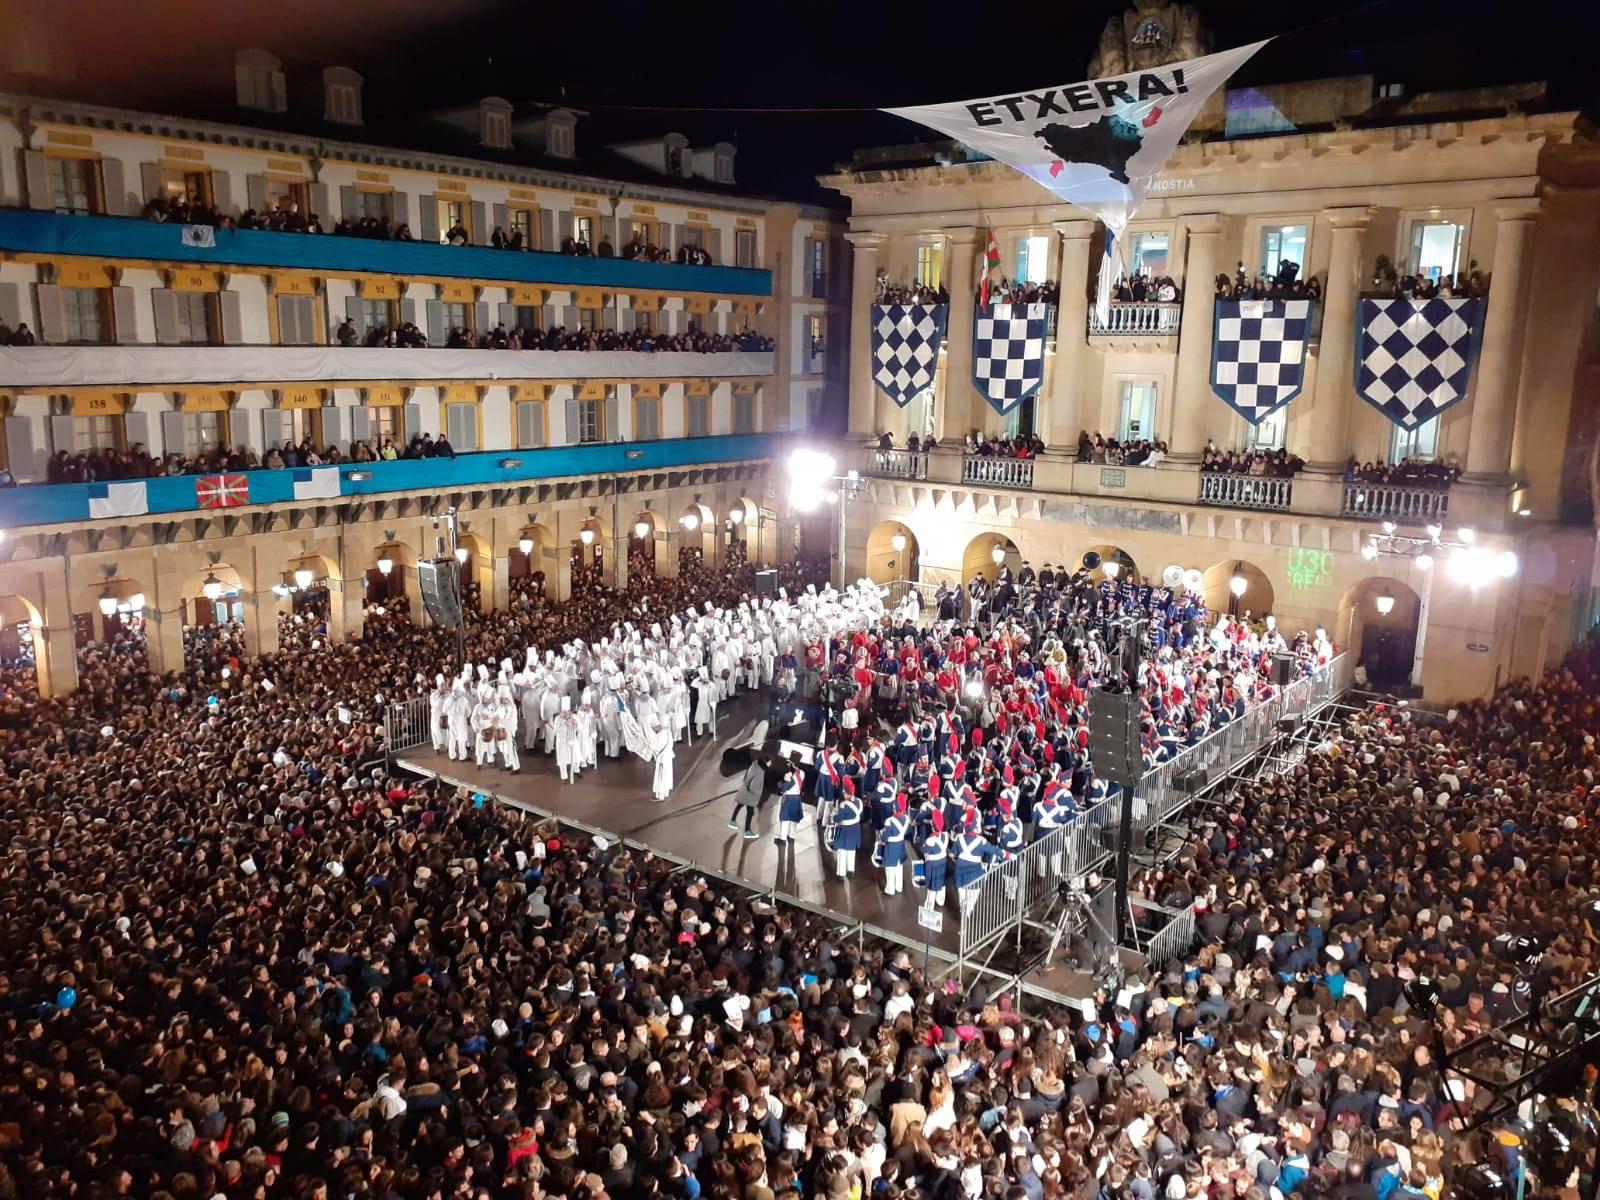 El día de San Sebastián ha sido maravilloso en Ilazki